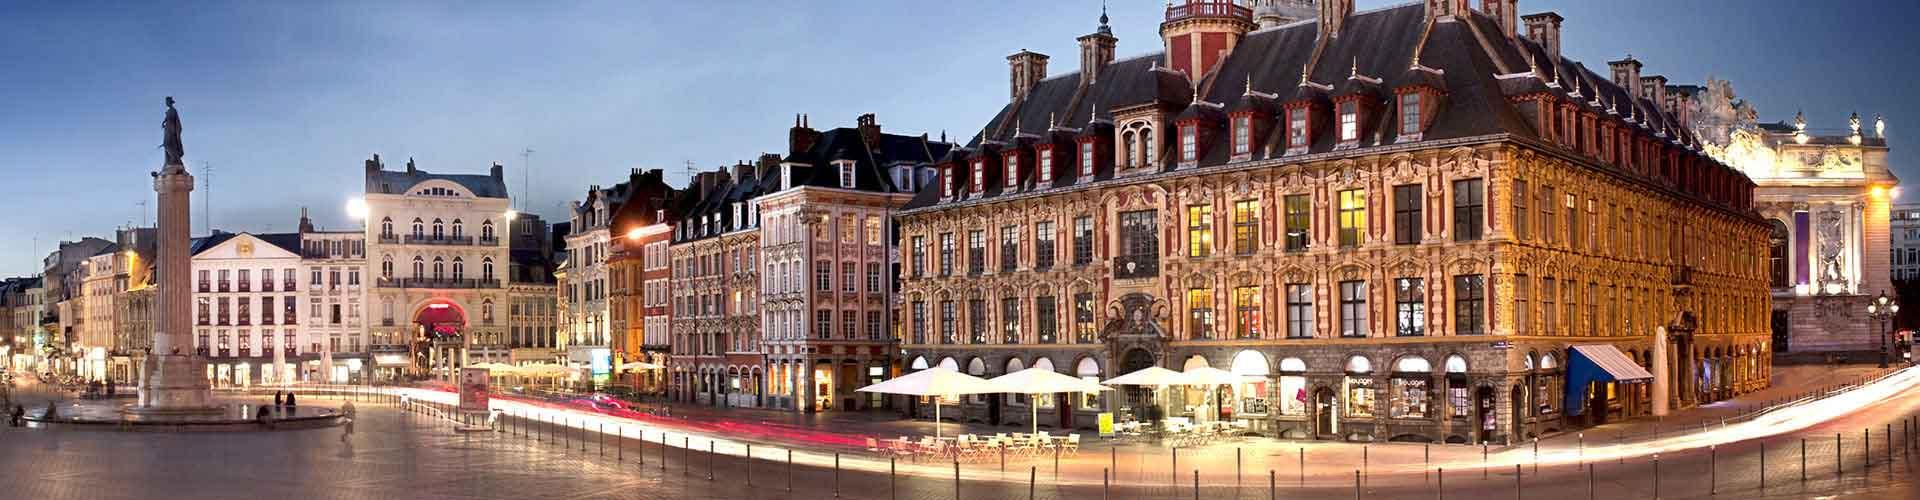 Lille - Appartements près de Gare de Lille-Europe. Cartes pour Lille, photos et commentaires pour chaque appartement à Lille.